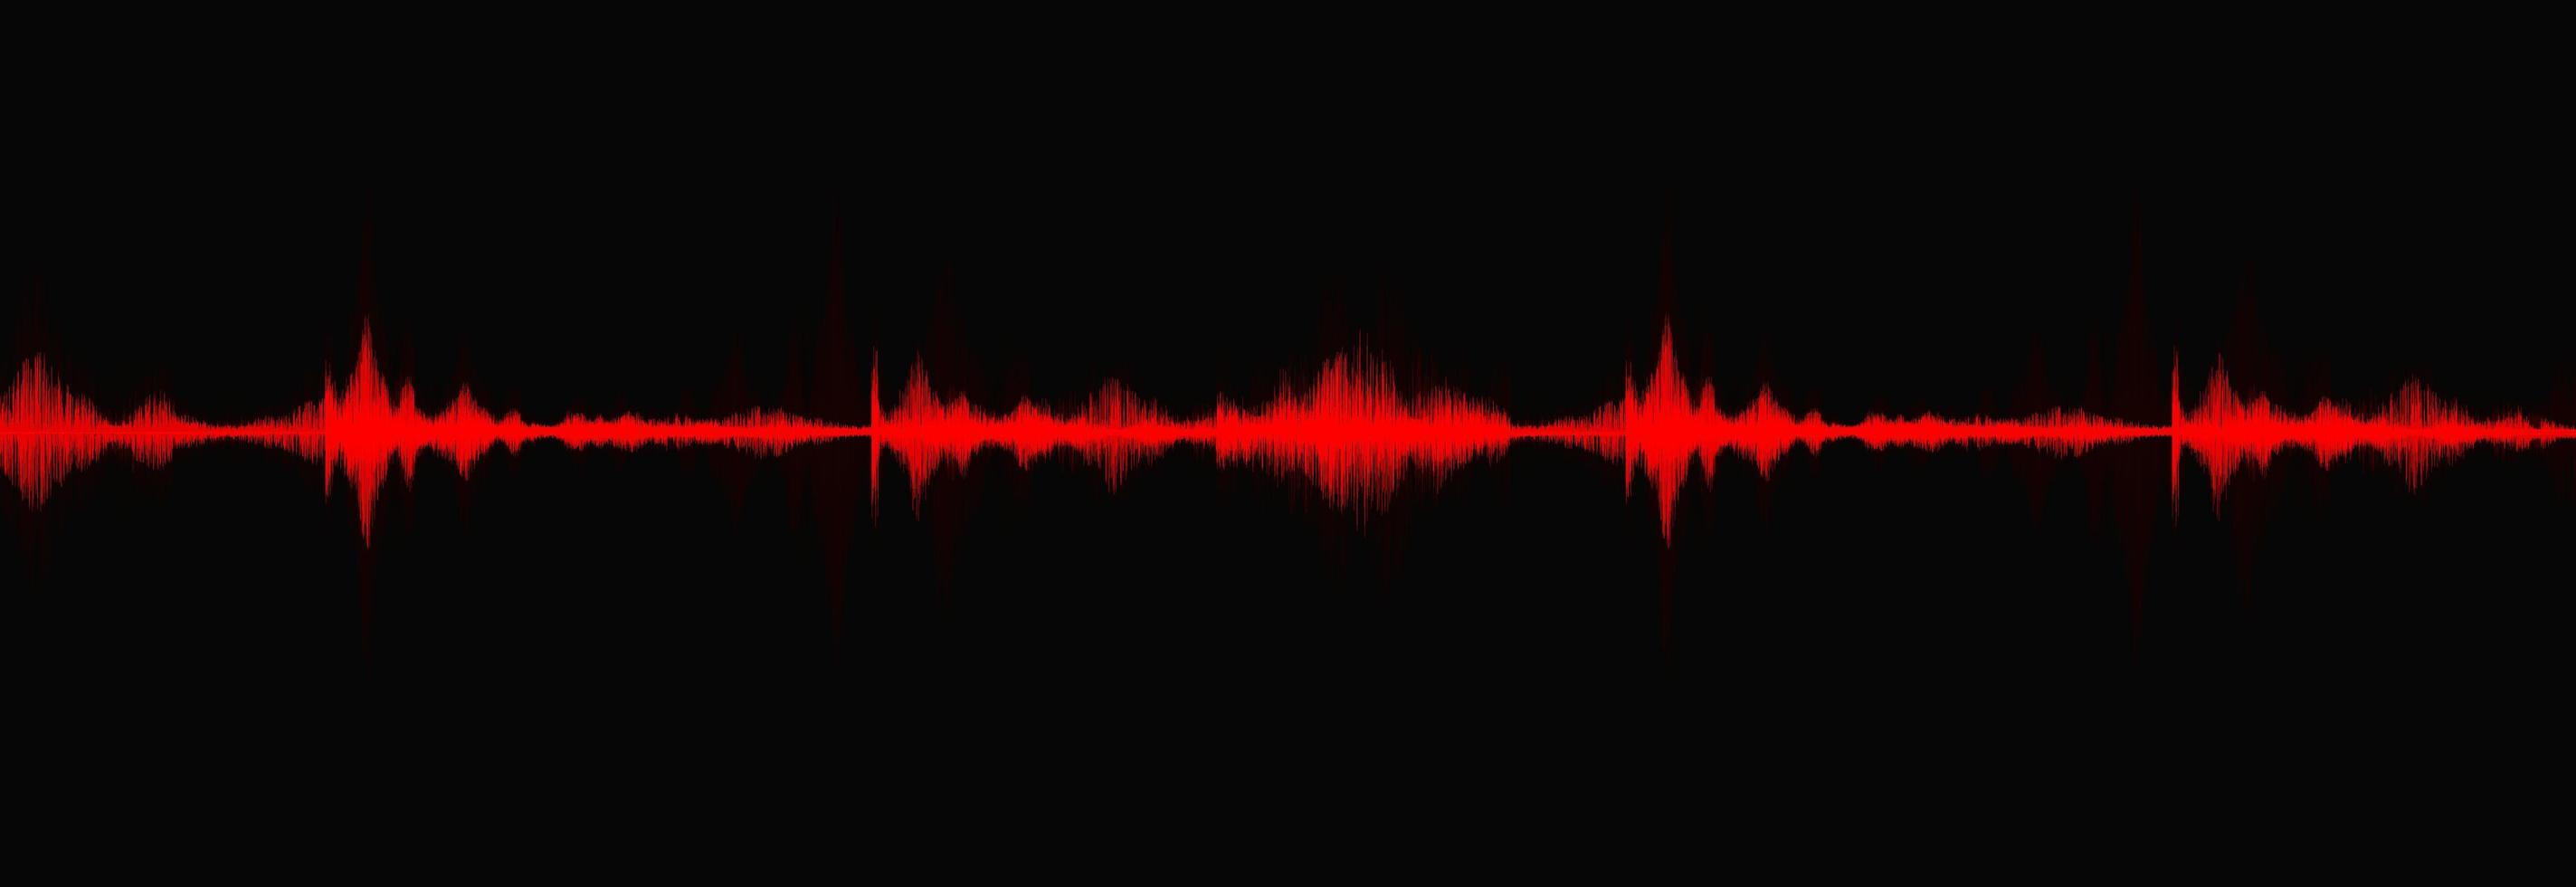 bloed rode digitale geluidsgolf laag en hoog schaal van richter op zwarte achtergrond, technologie en aardbeving golf diagram en bewegend hart concept, ontwerp voor muziekstudio en wetenschap, vectorillustratie. vector